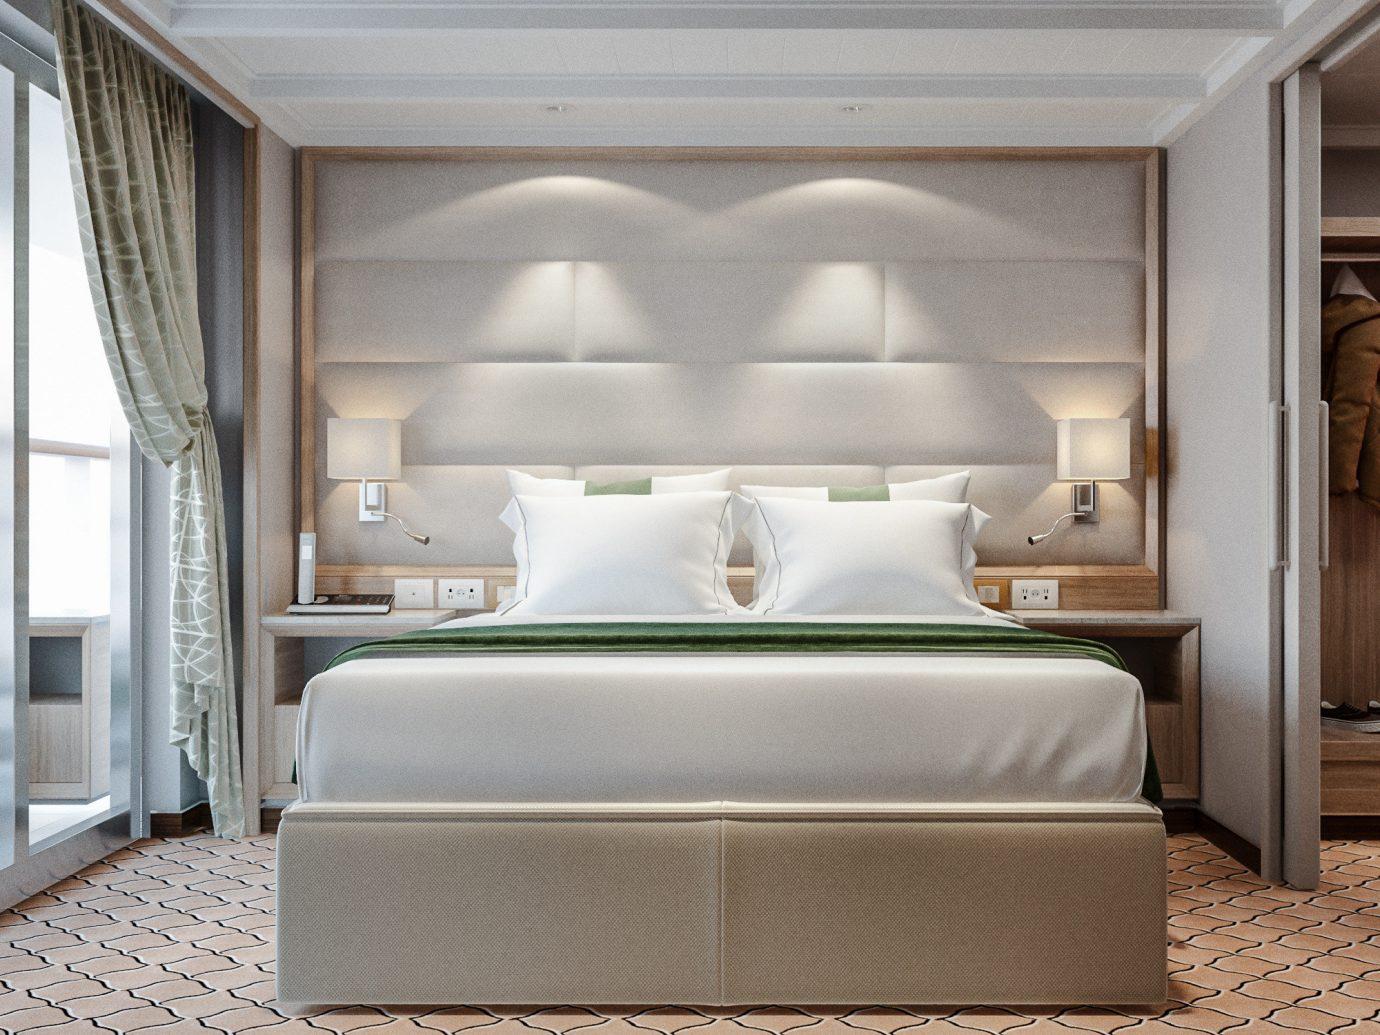 Cruise Travel Luxury Travel Trip Ideas indoor floor bed room interior design Suite furniture ceiling Bedroom window interior designer